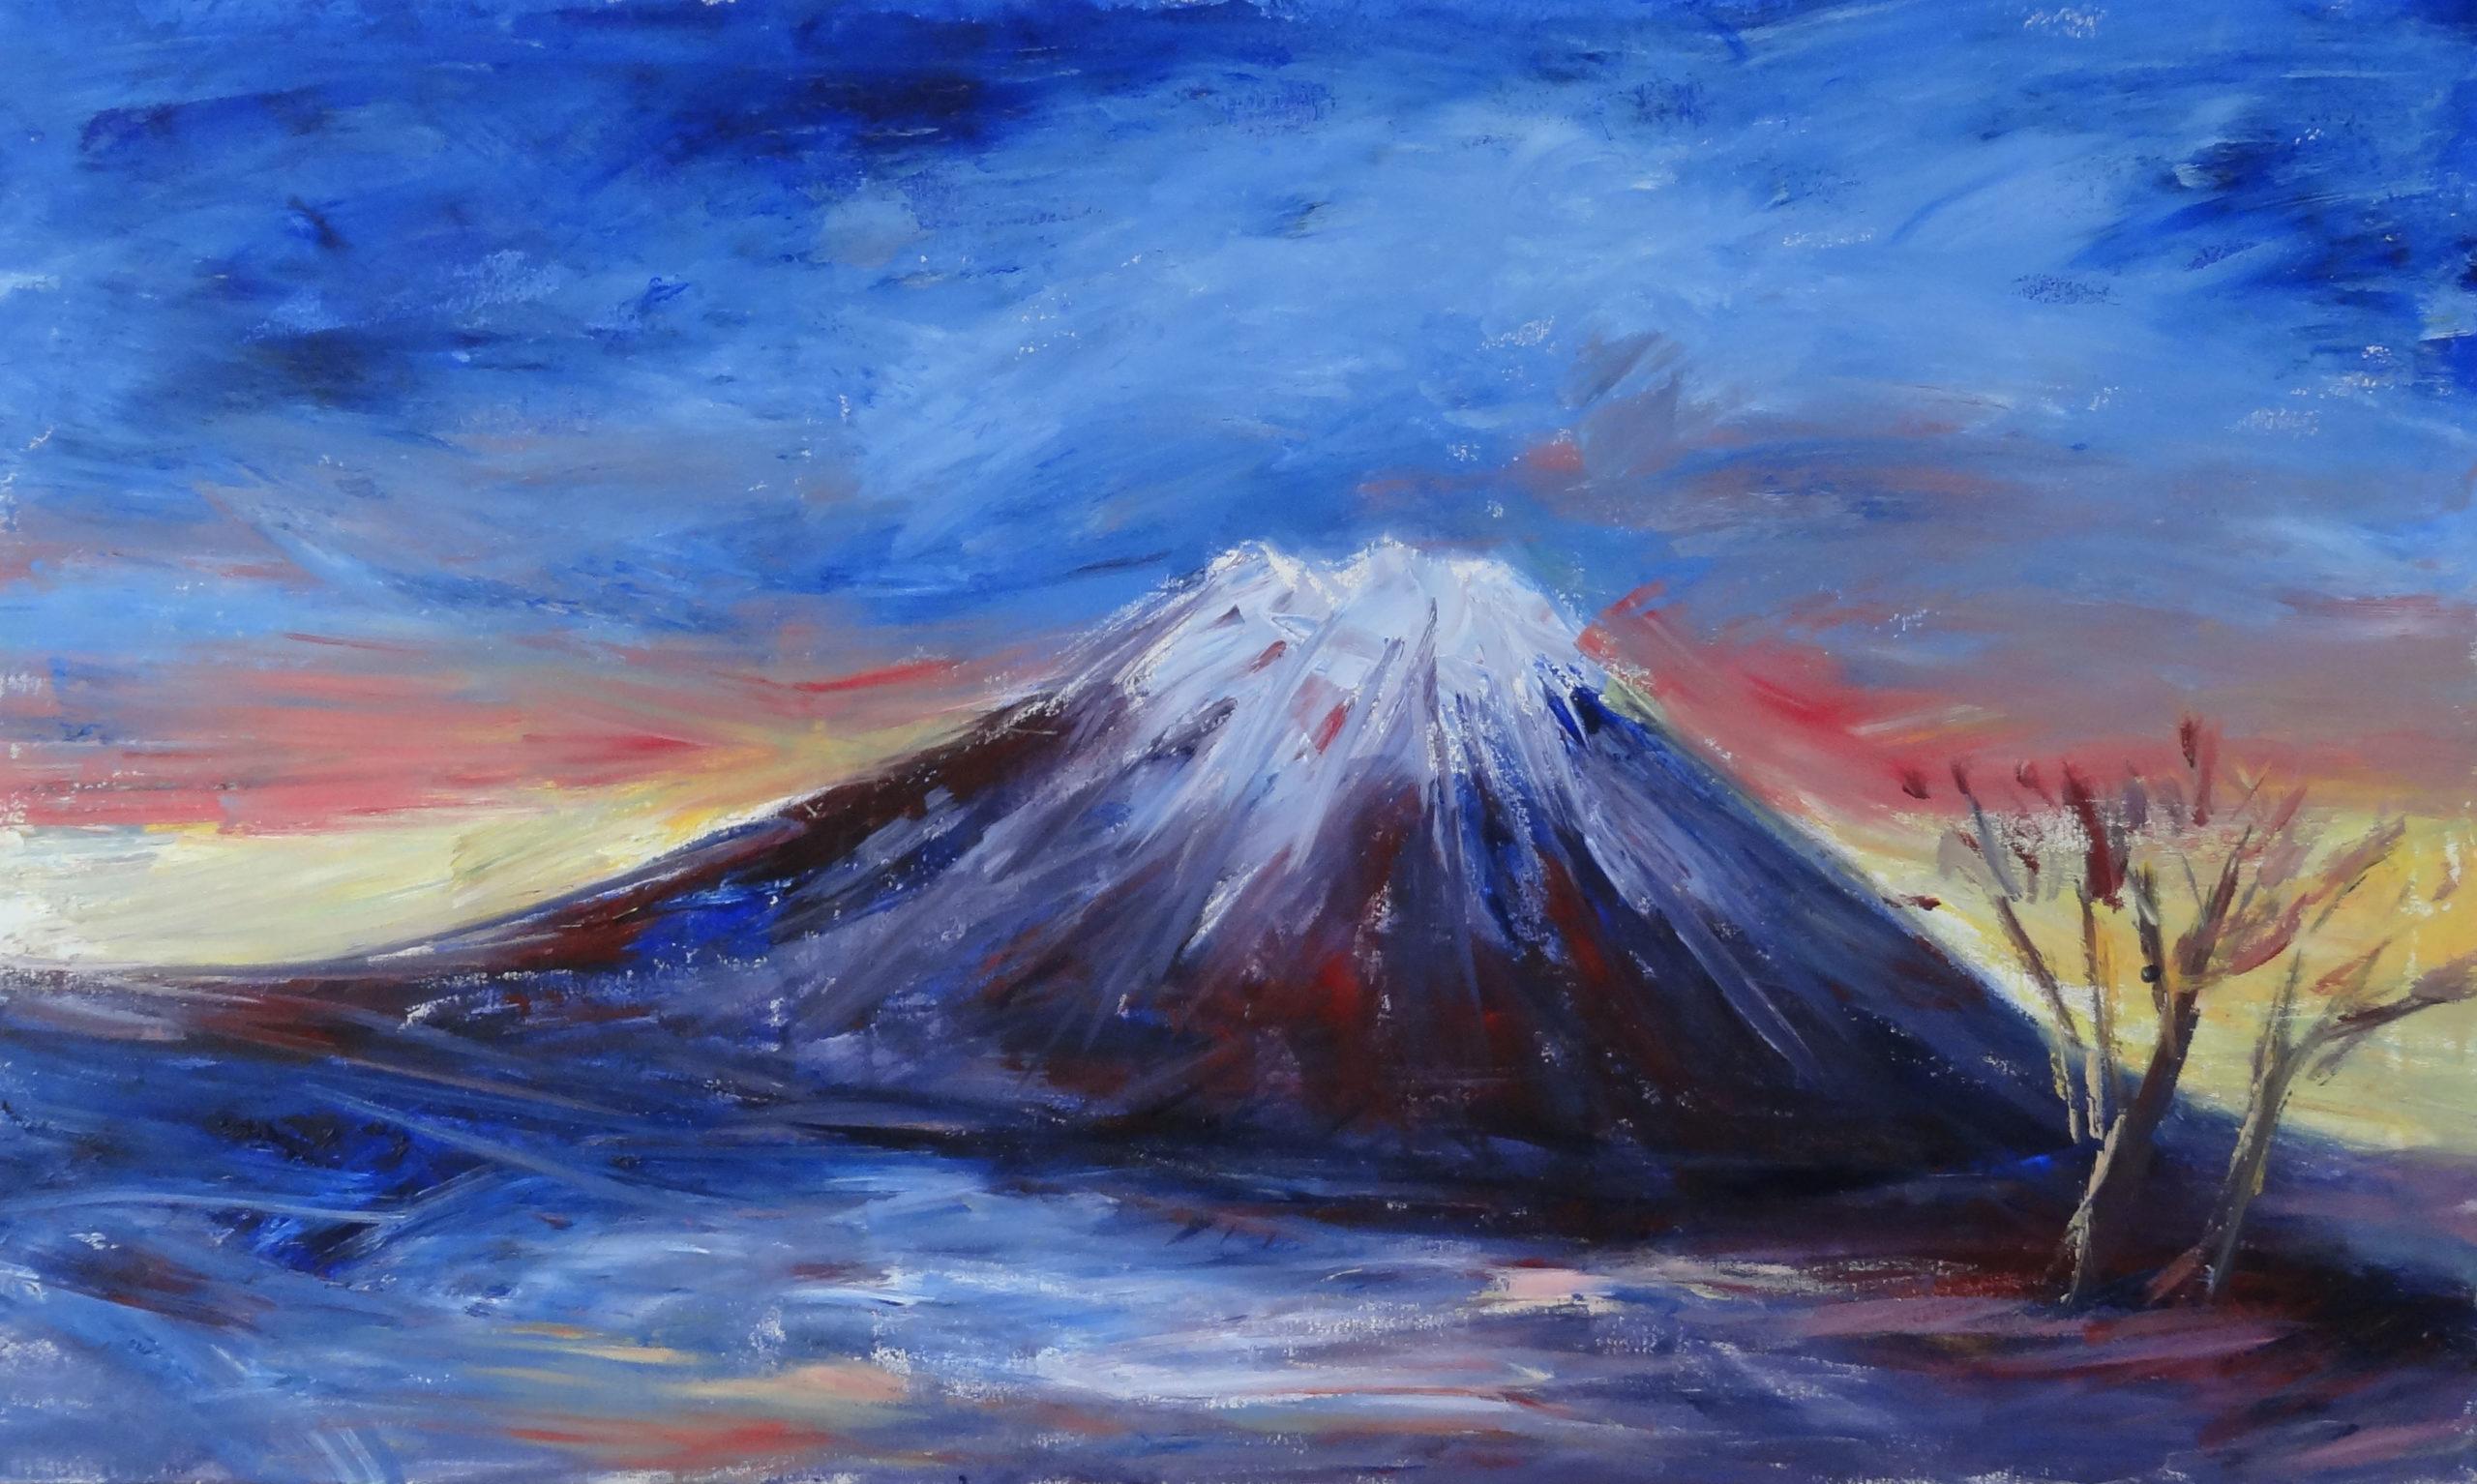 2011.11íÂMt.YoteiíÀ M50 No. 116cmX72cm ( Music Painting ) 2011.11